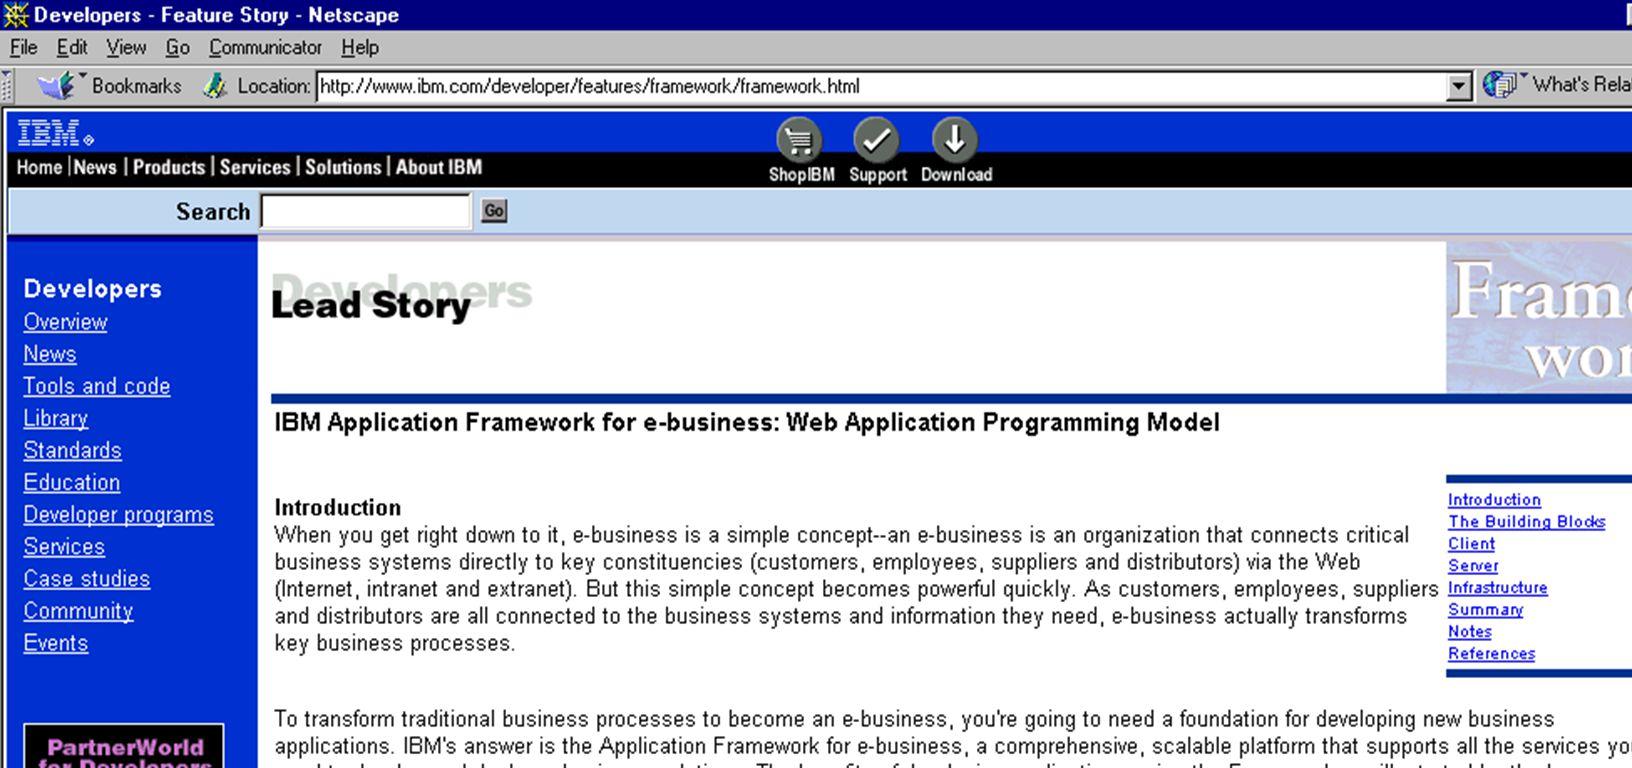 vrije Universiteit amsterdamPostacademische Cursus Informatie Technologie The Building Blocks of Web Applications